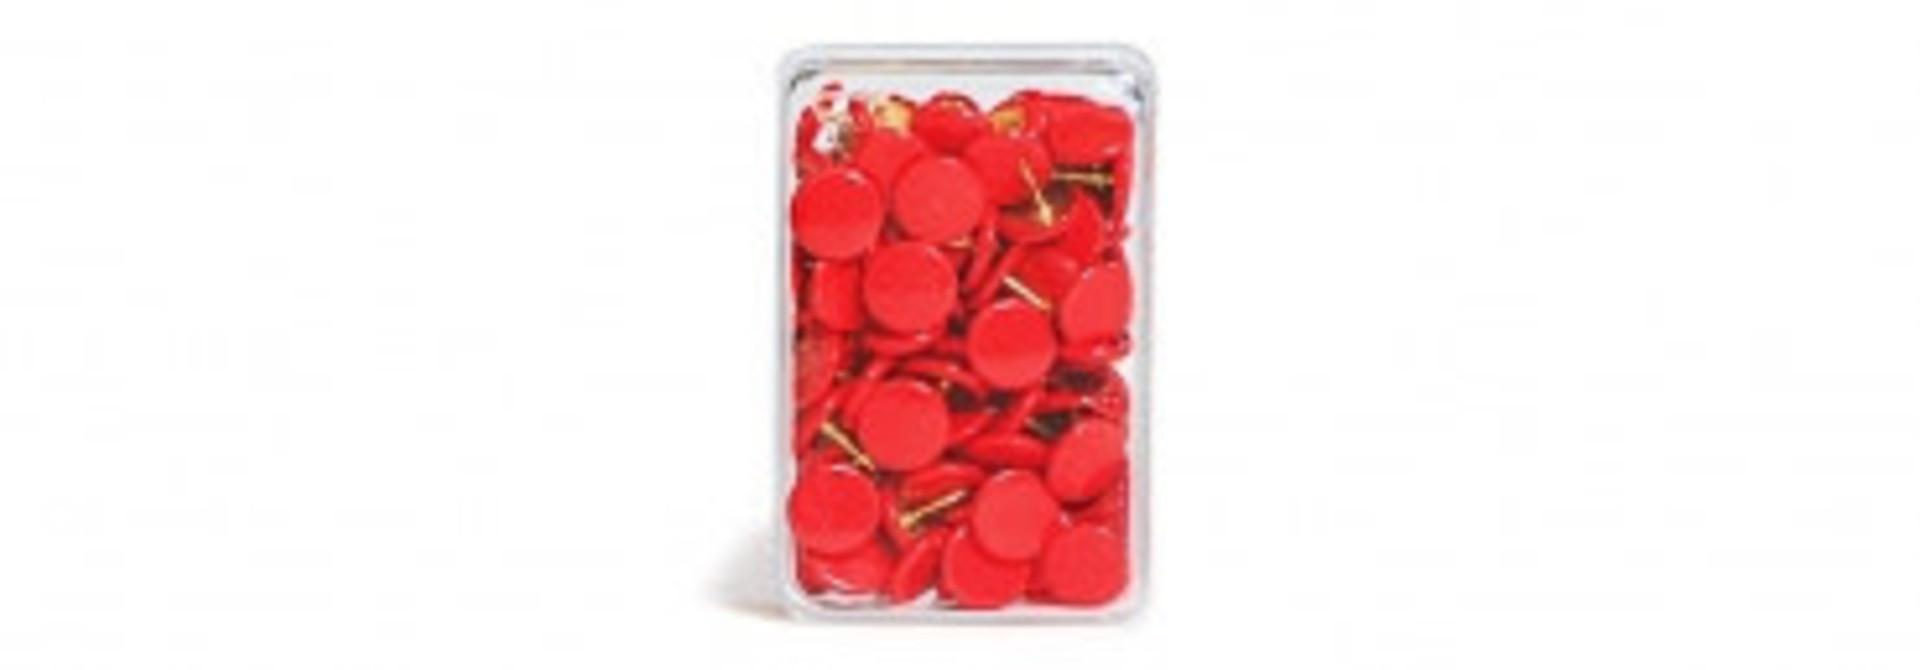 Punaises rood - 100 stuks